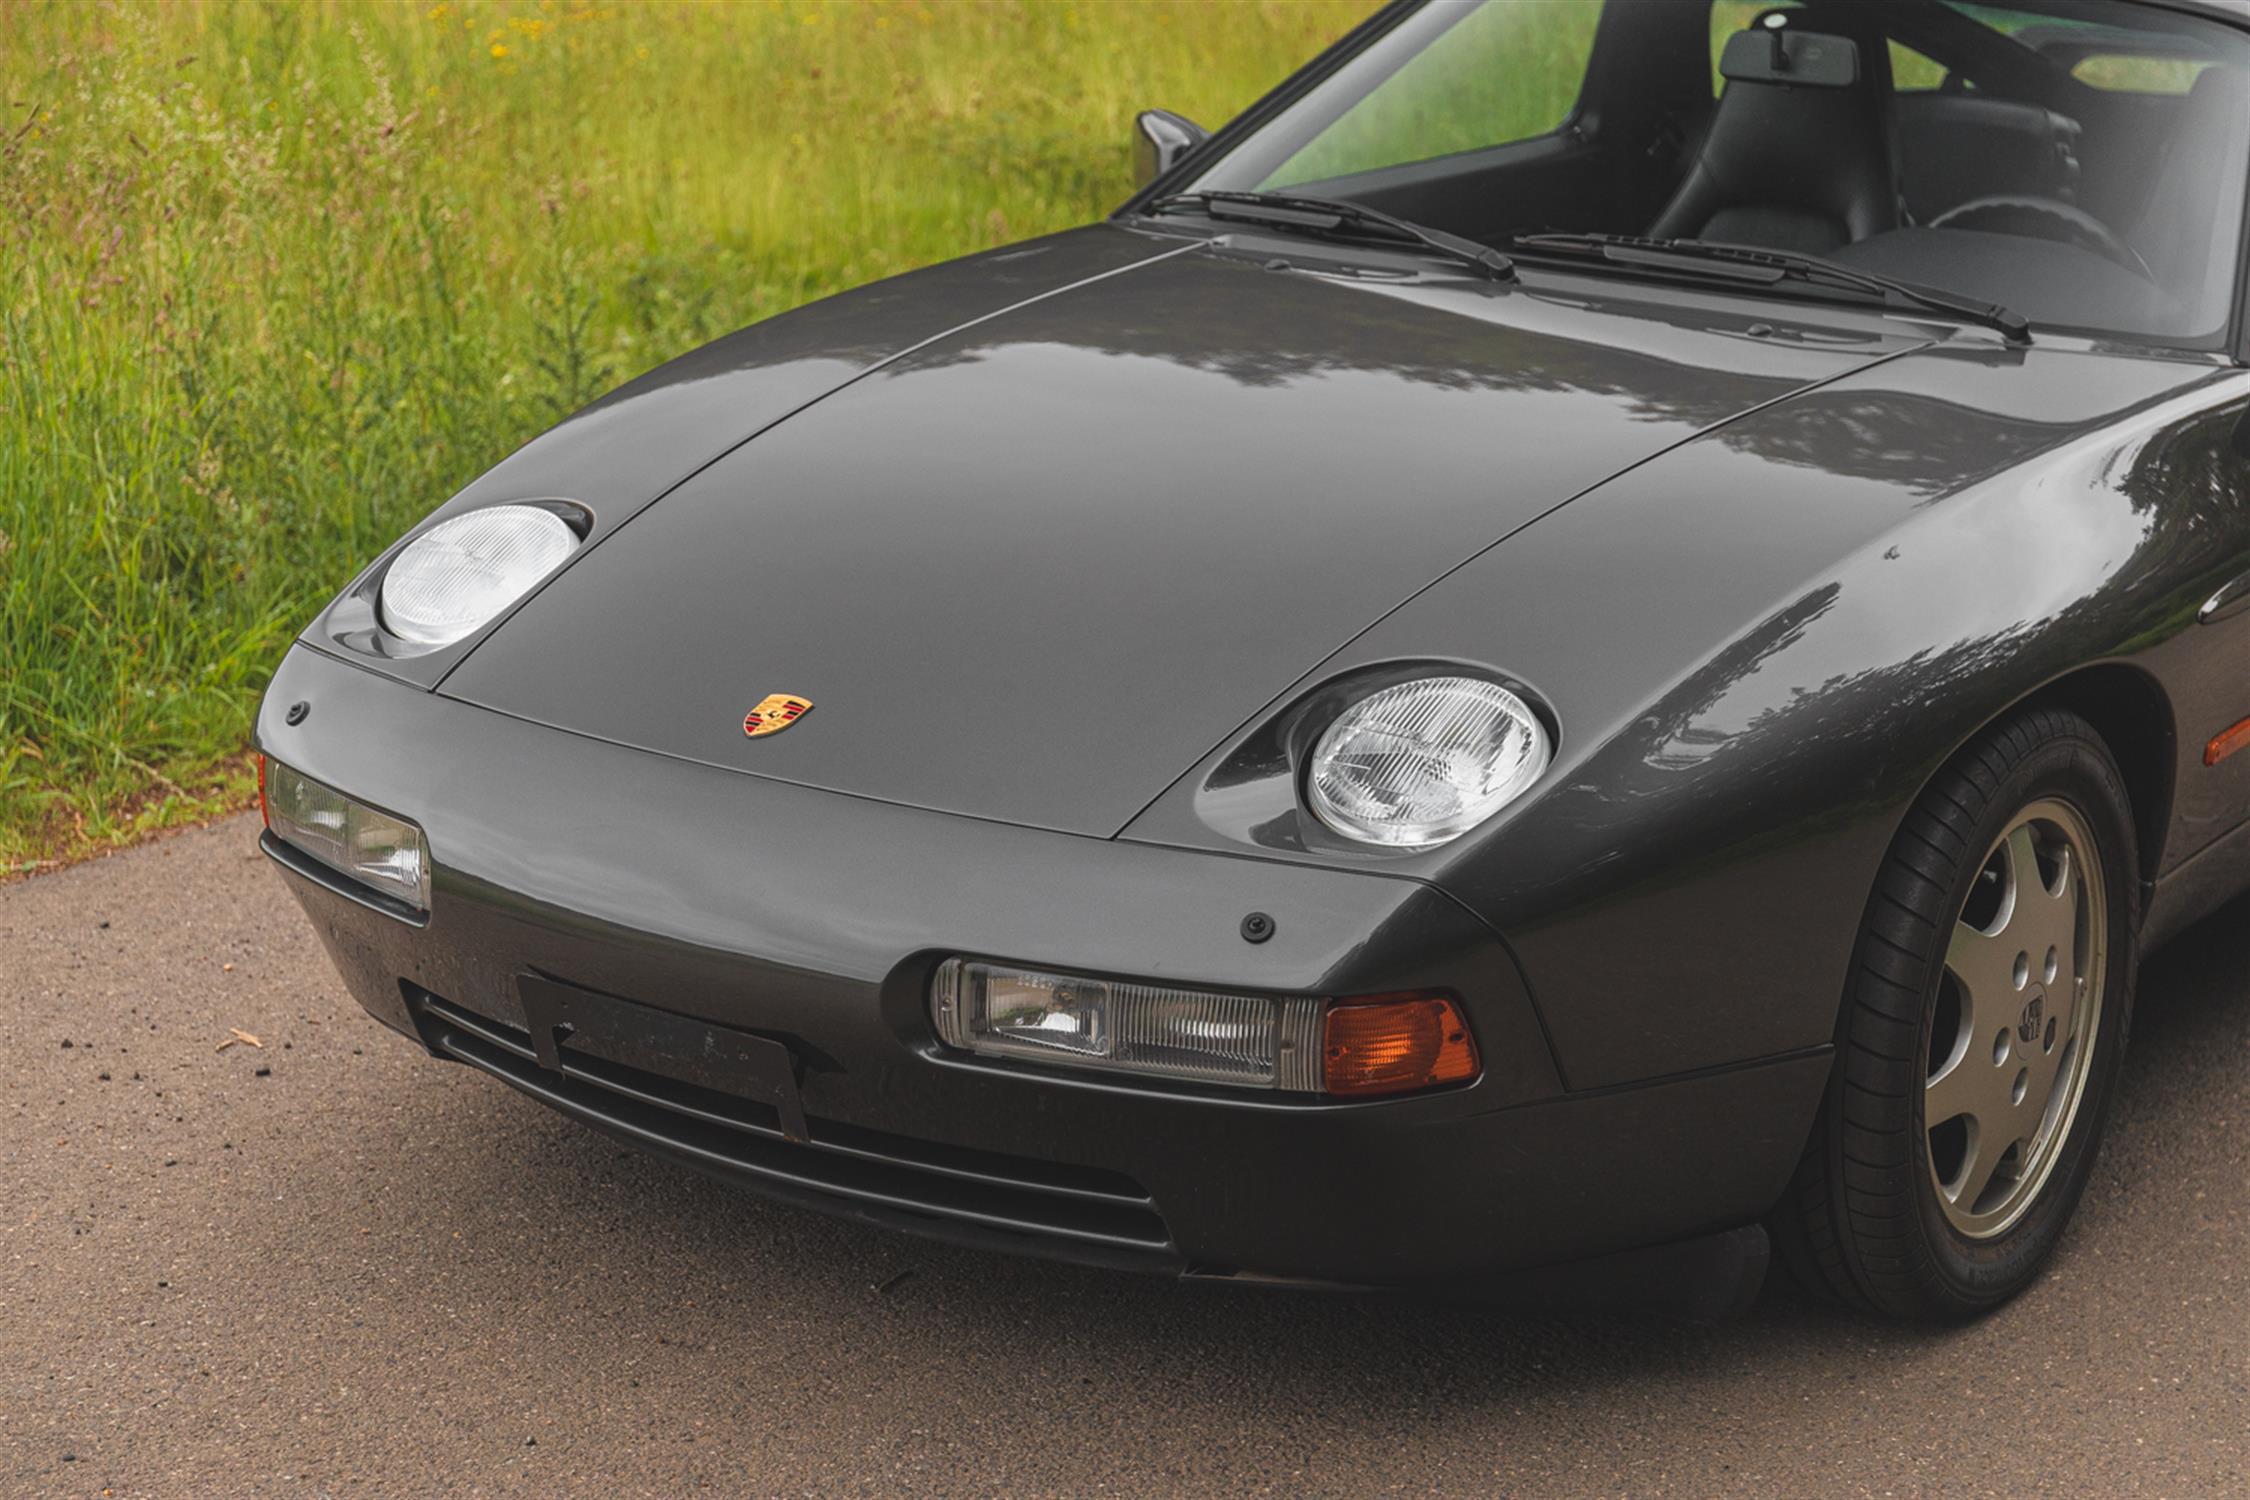 1991 Porsche 928 GT - Image 8 of 10